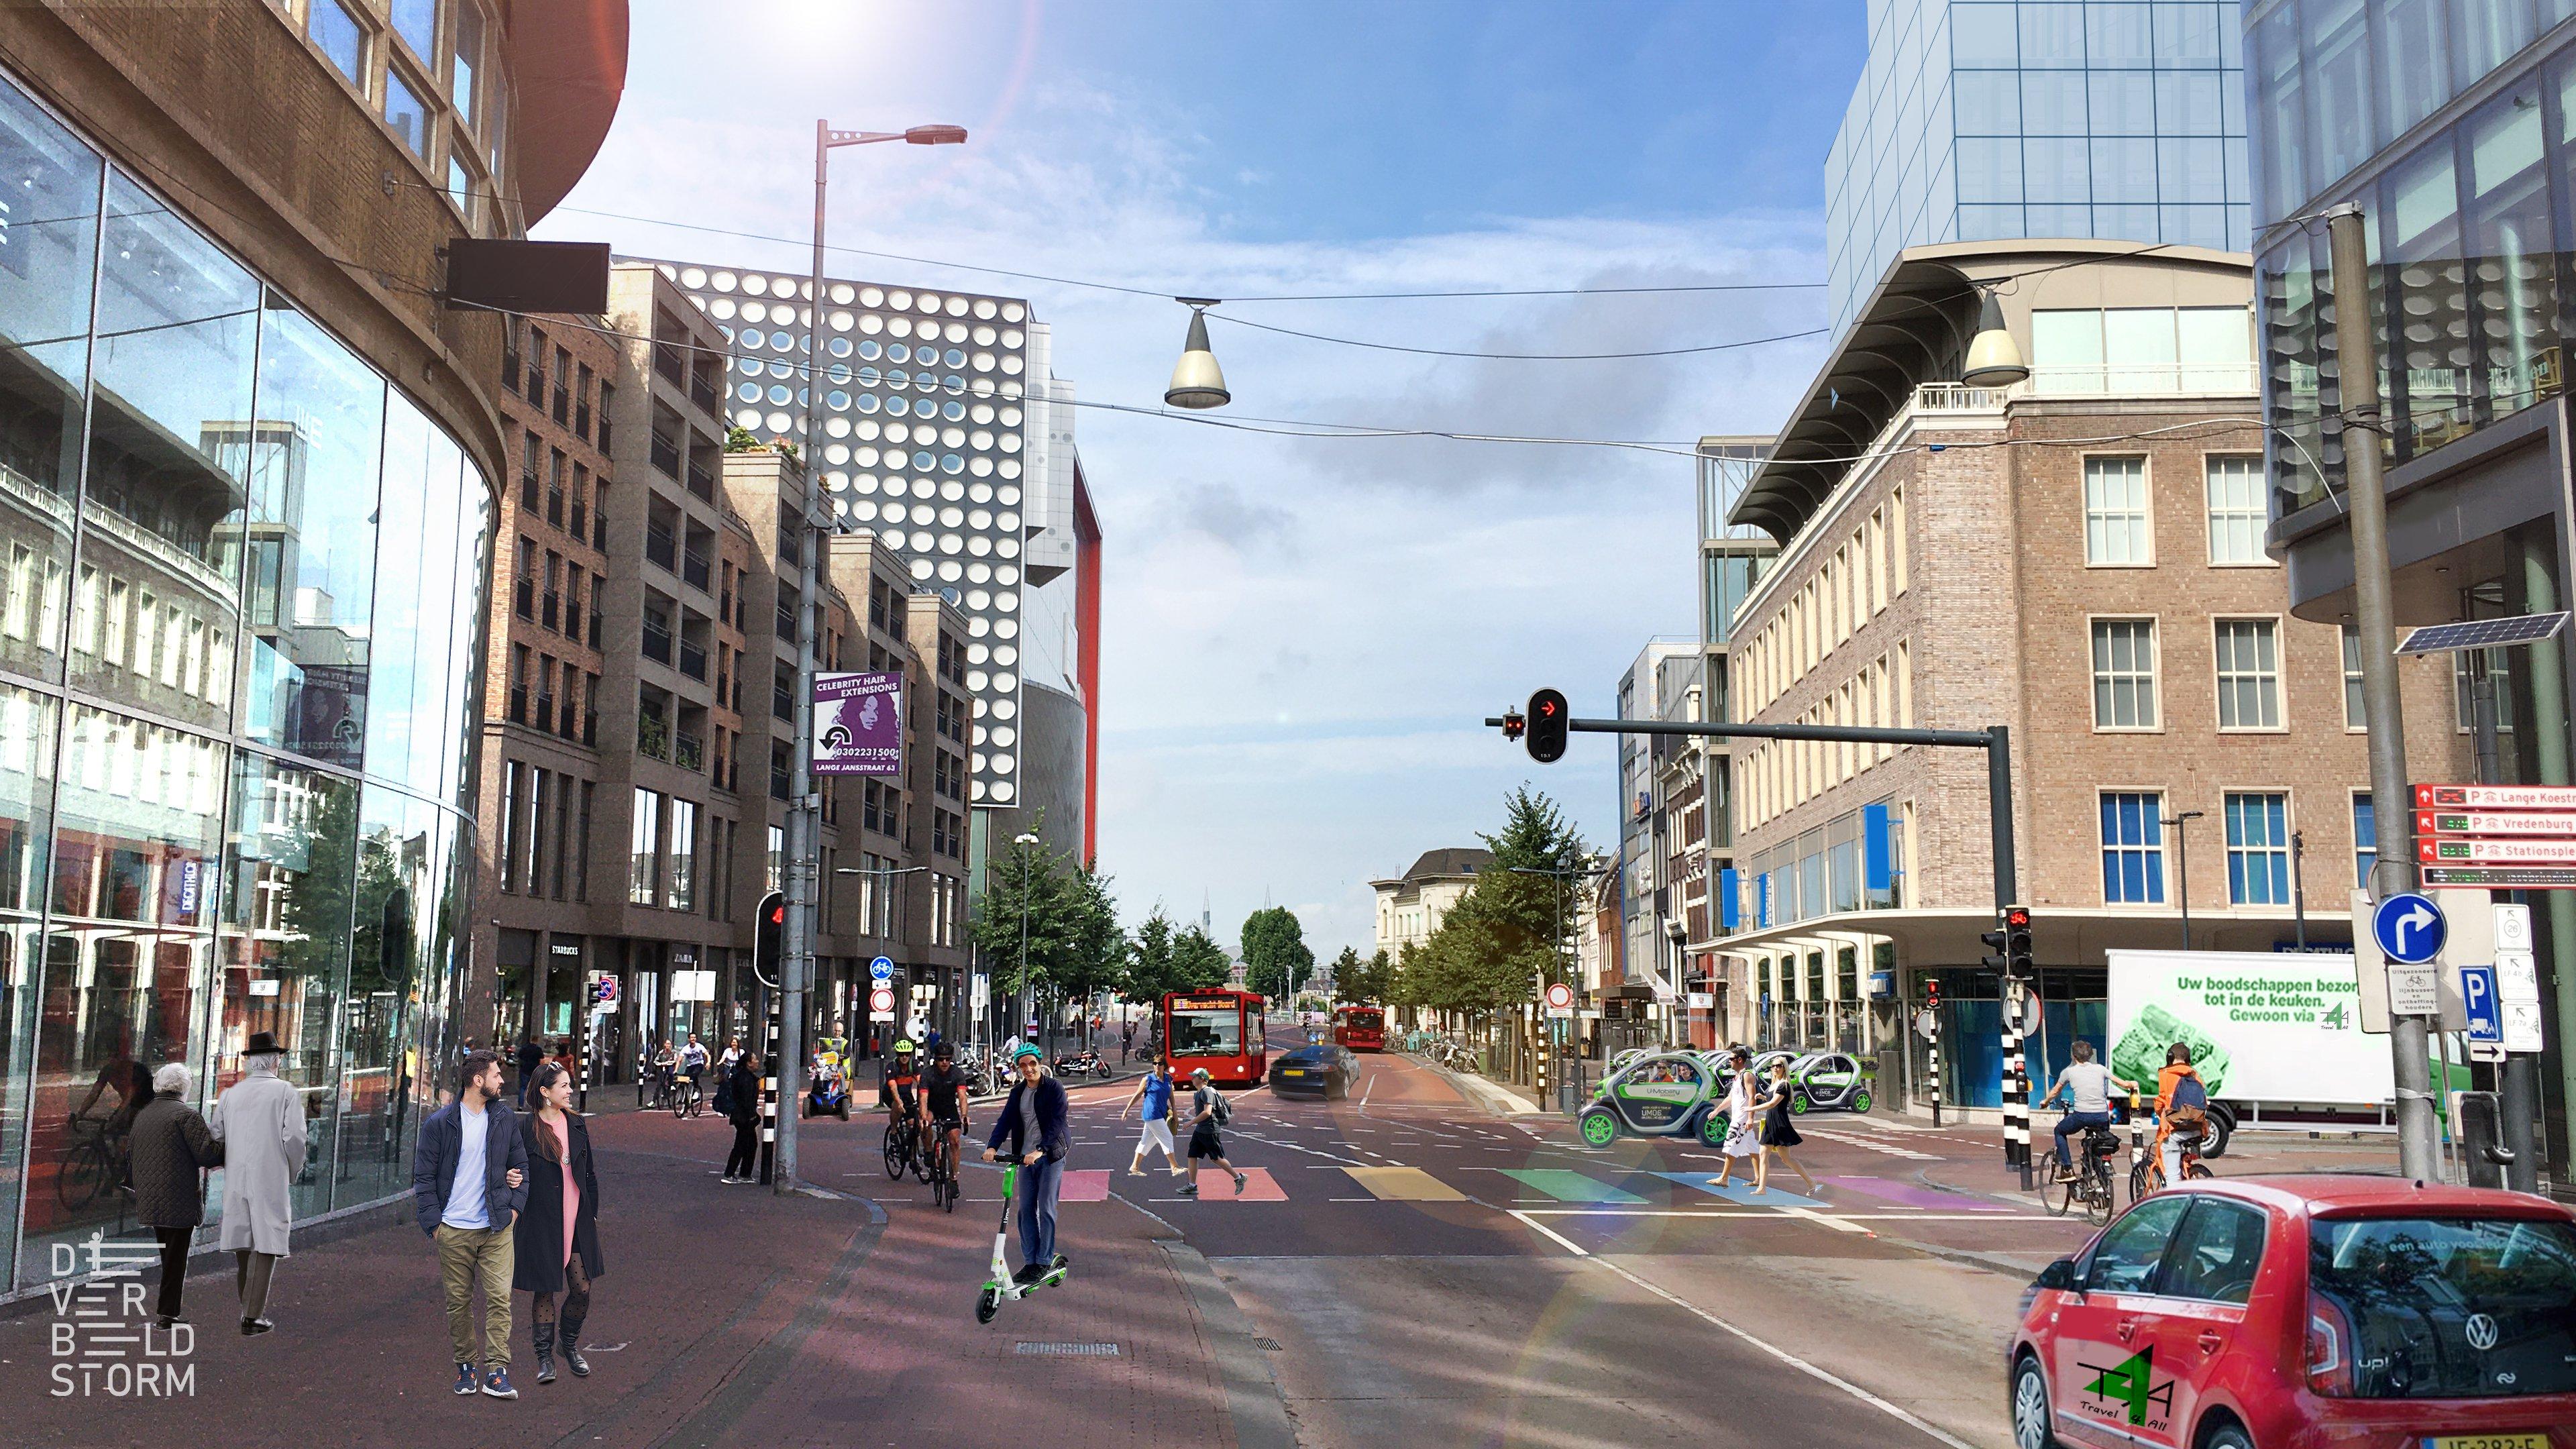 200822 Scenario Travel Unlimited (bedoeld) - de Verbeeldstorm, Universiteit Utrecht 2020